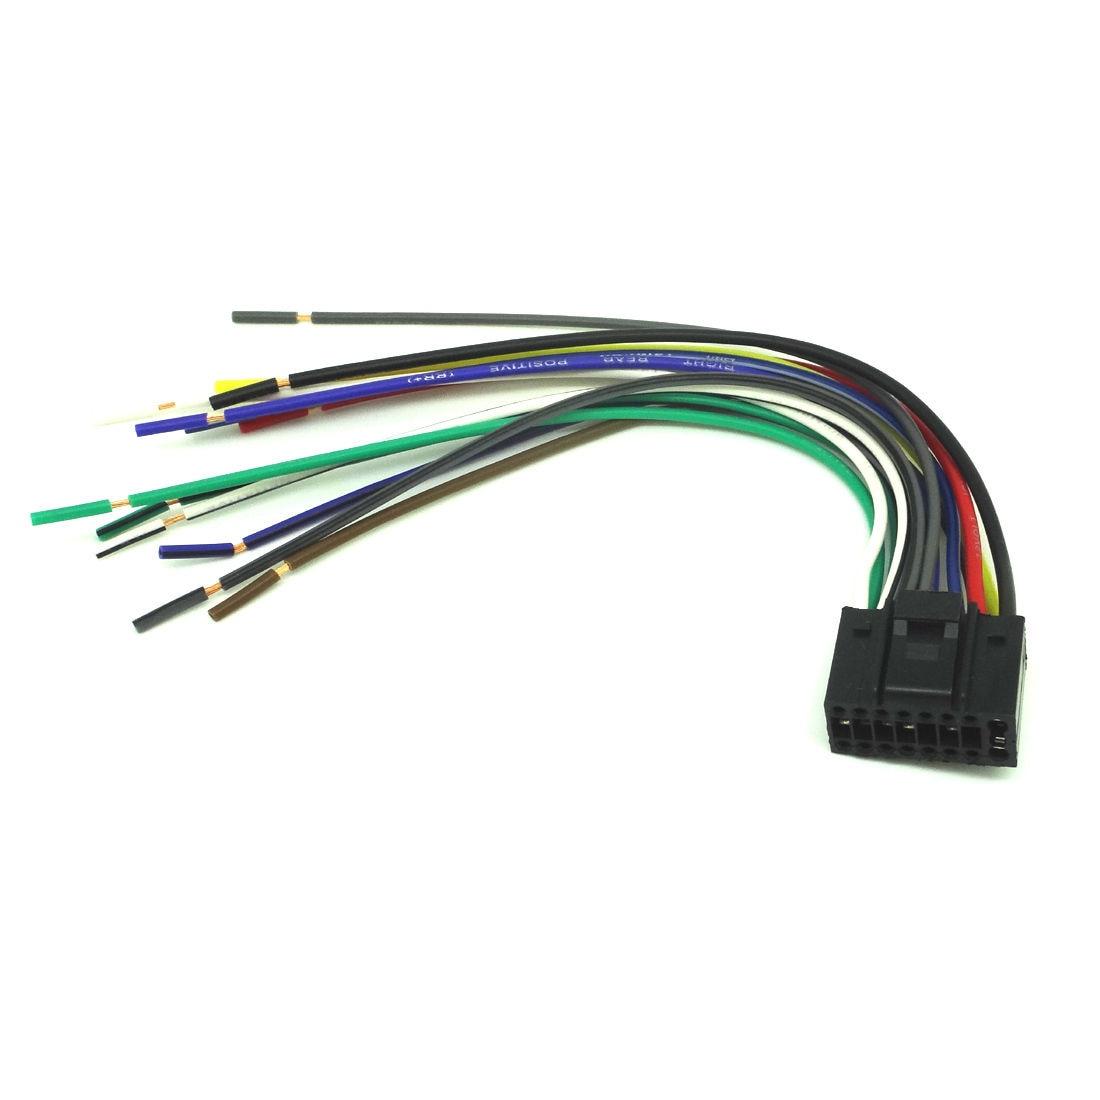 kenwood 12 pin wiring harness diagram kenwood diy wiring diagrams